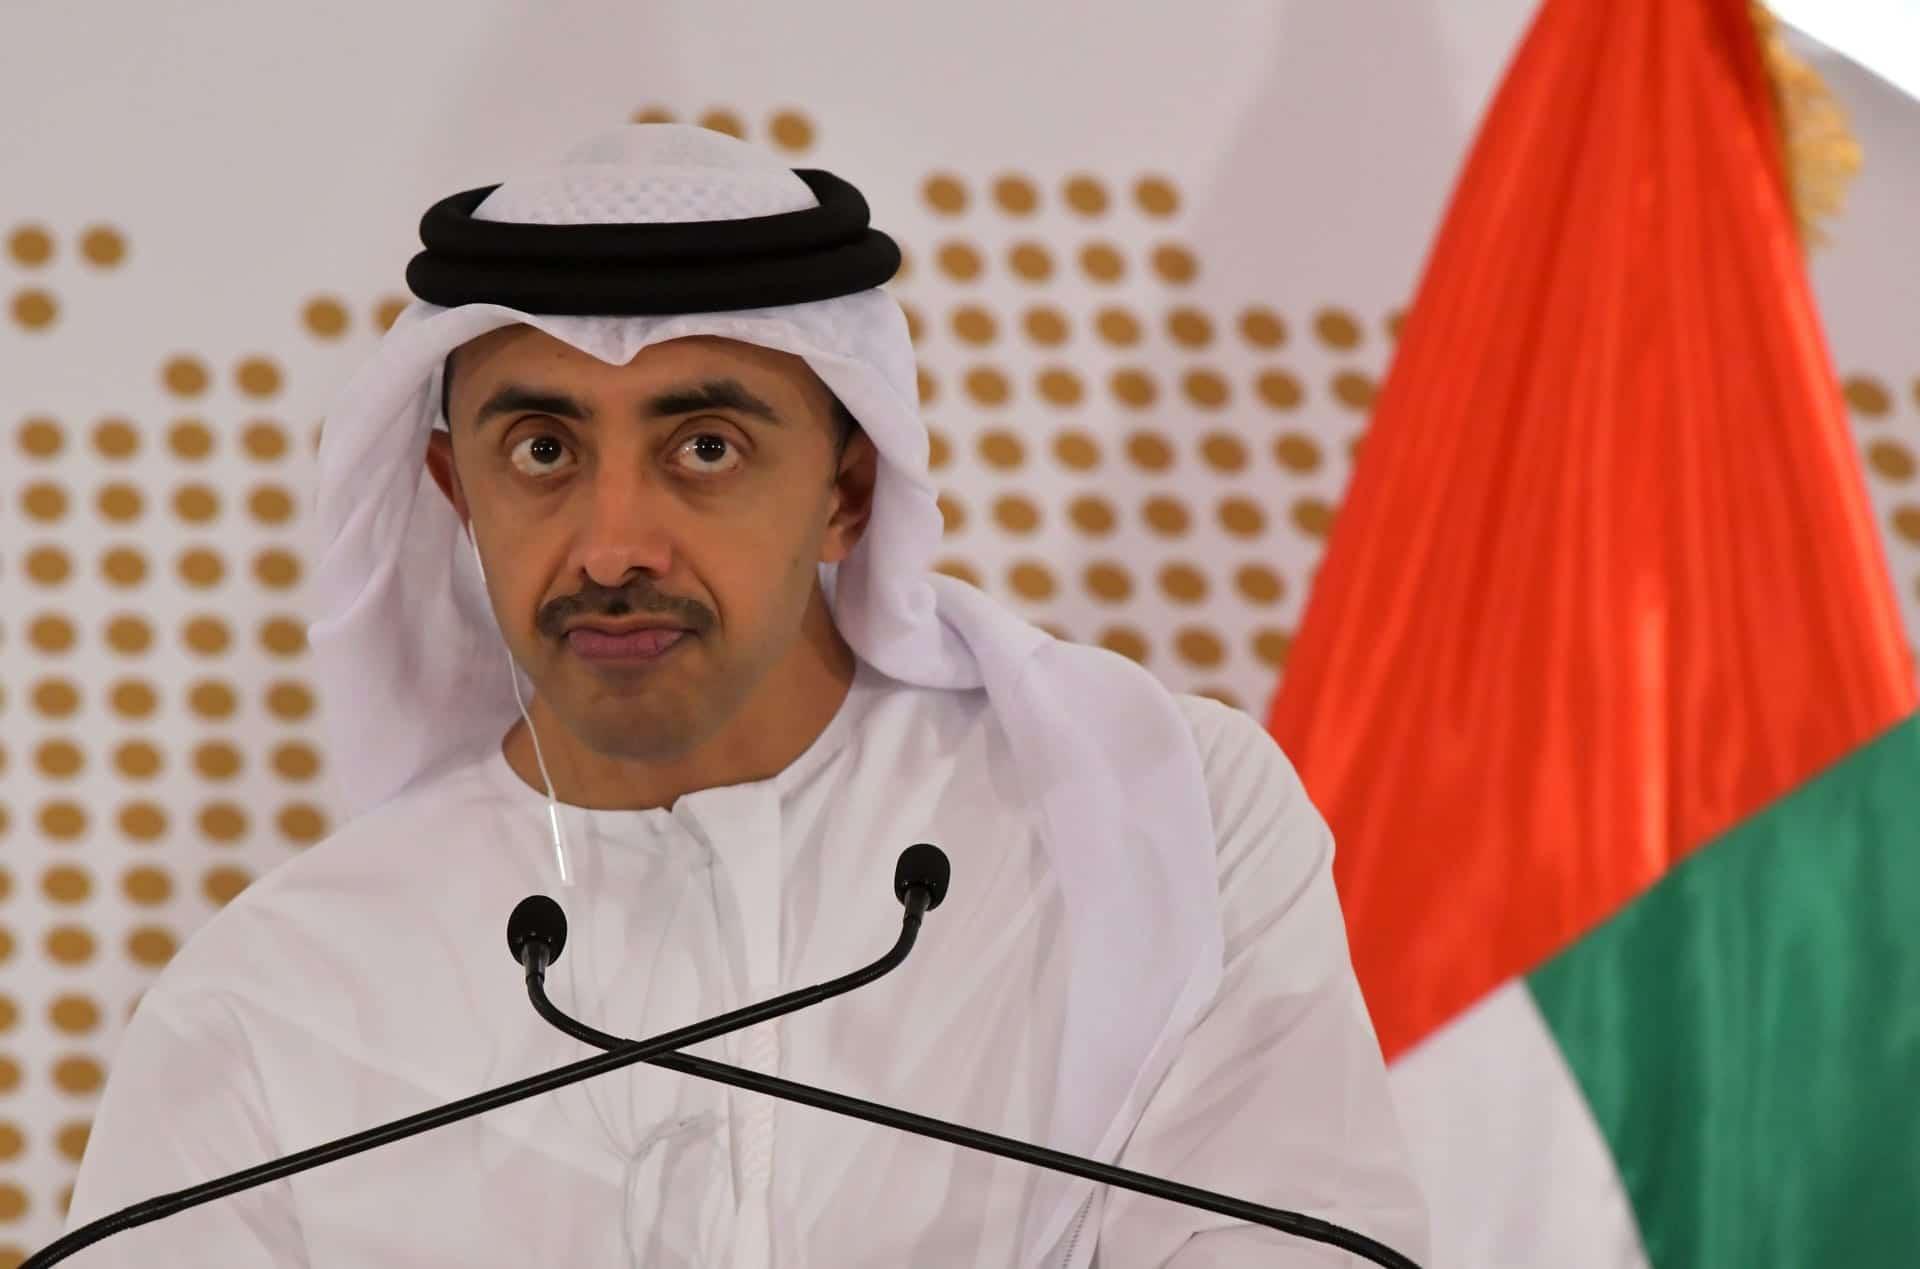 """وزير خارجية الإمارات يتعرض للتوبيخ.. عبدالله بن زايد يعيب على الفلسطينيين رفضهم لصفقة القرن: """"لا يتعلمون"""""""